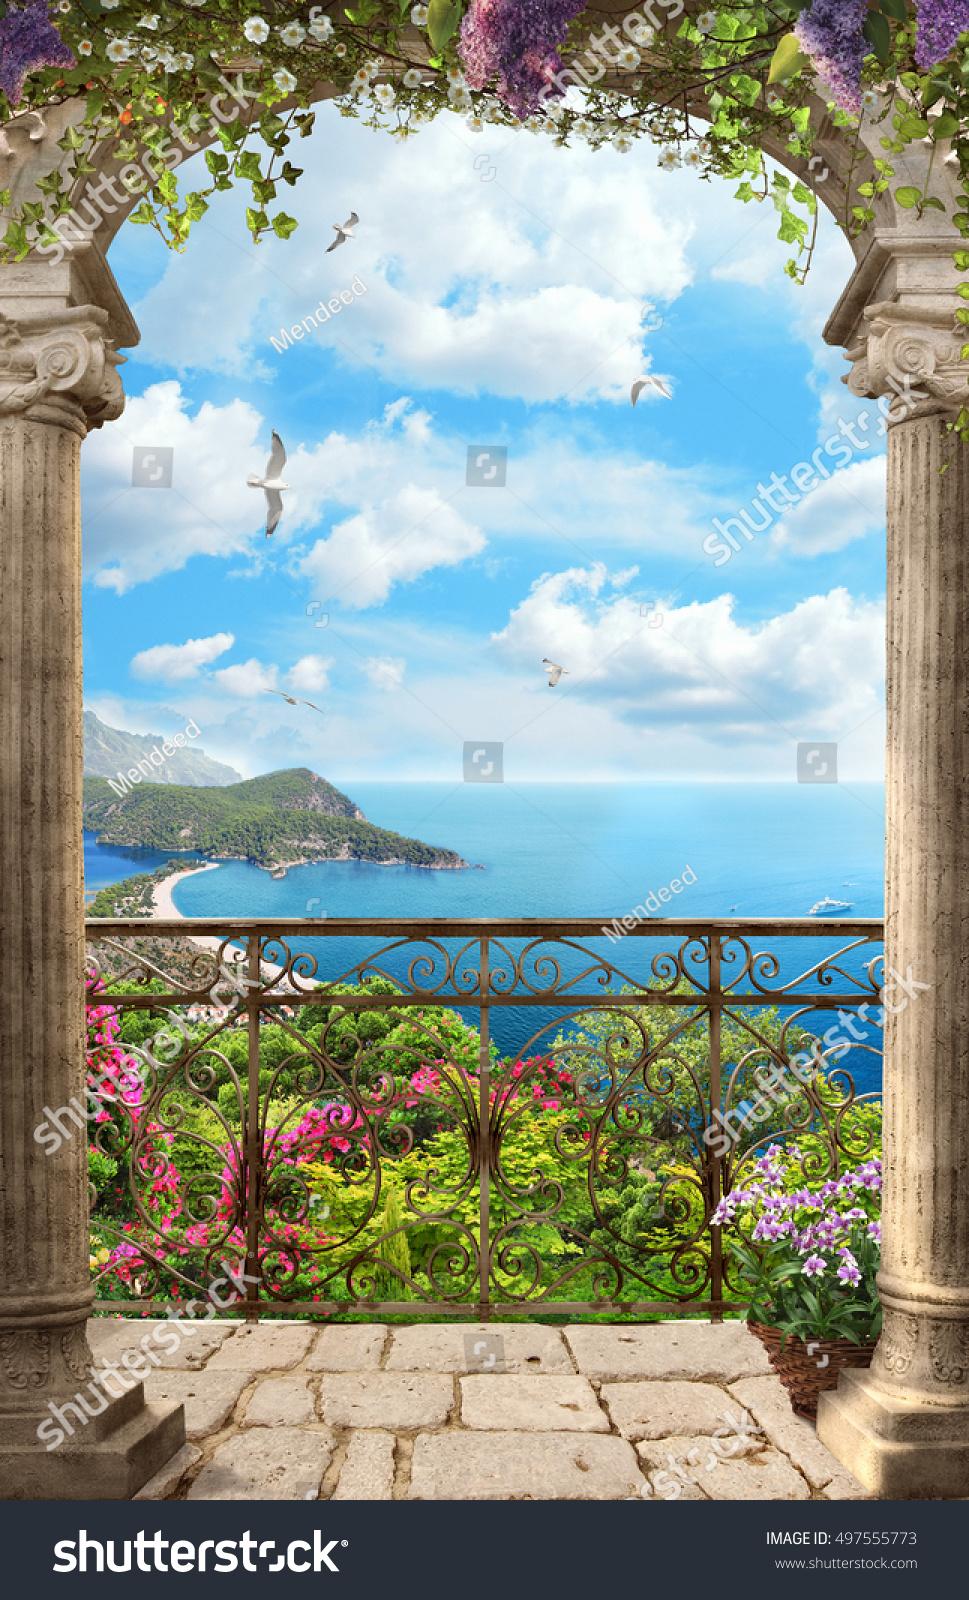 Фотообои вид с балкона = страница 2 из 2 купить на стену в у.